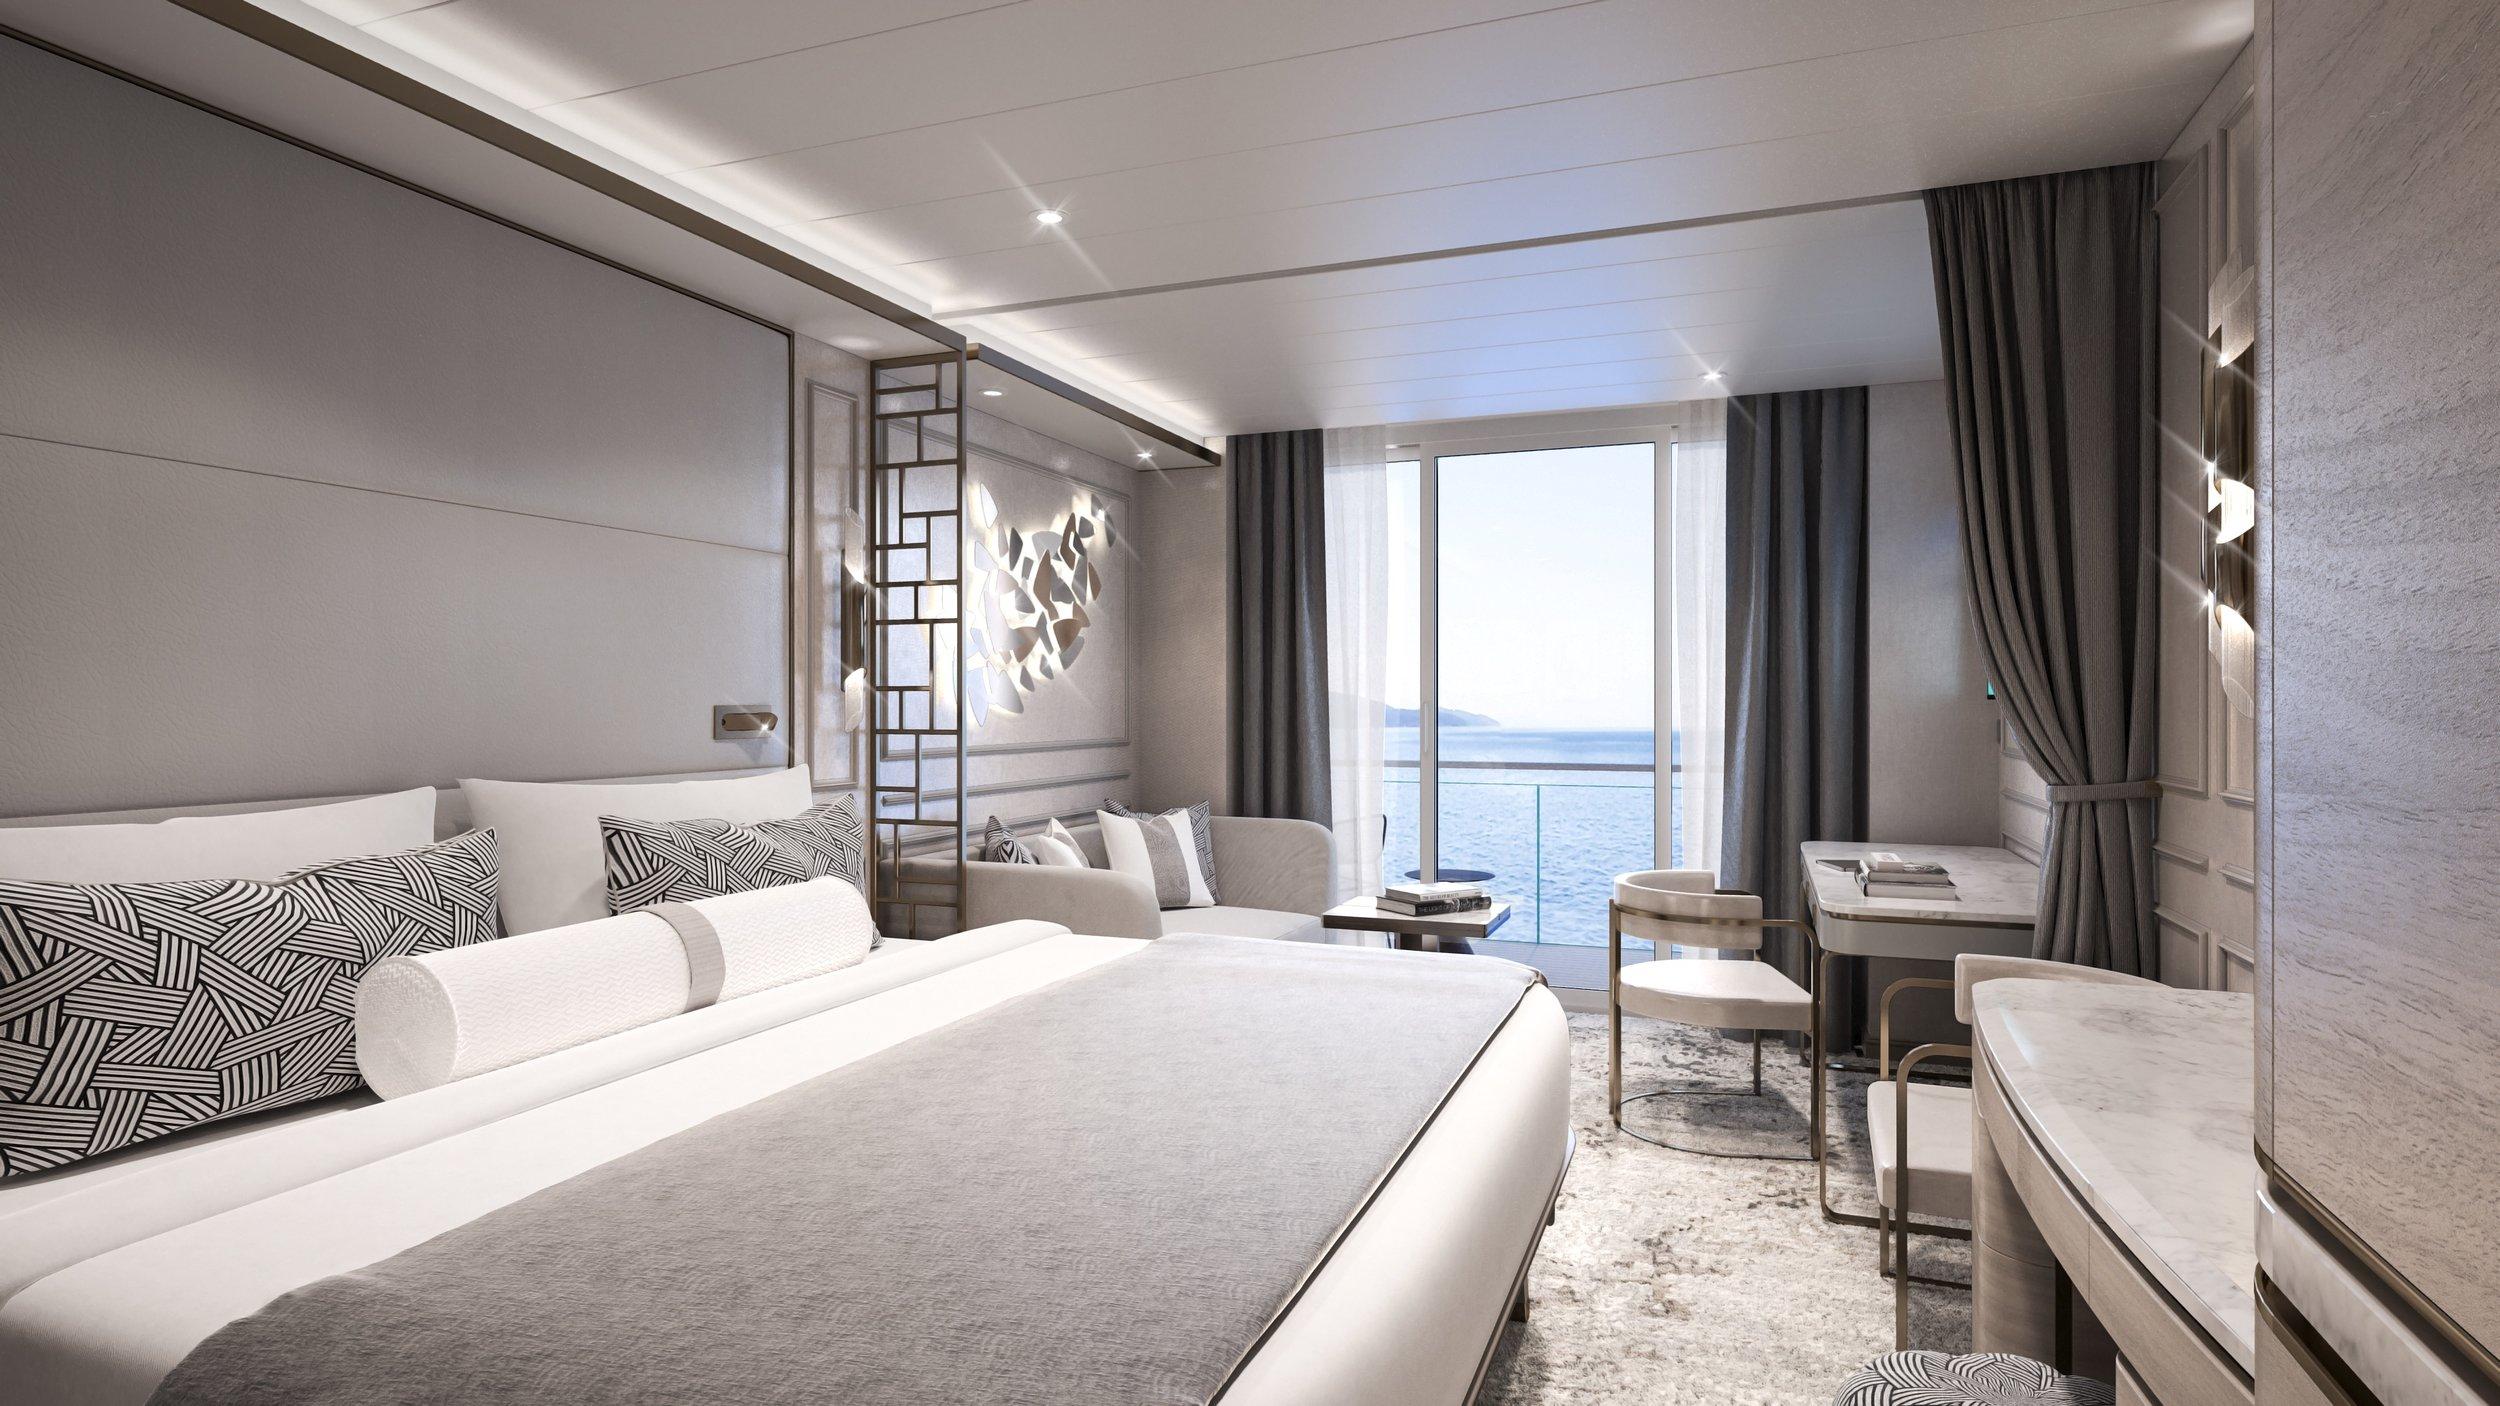 Crystal-Endeavor_Deluxe-Suite-A_Bedroom.jpg